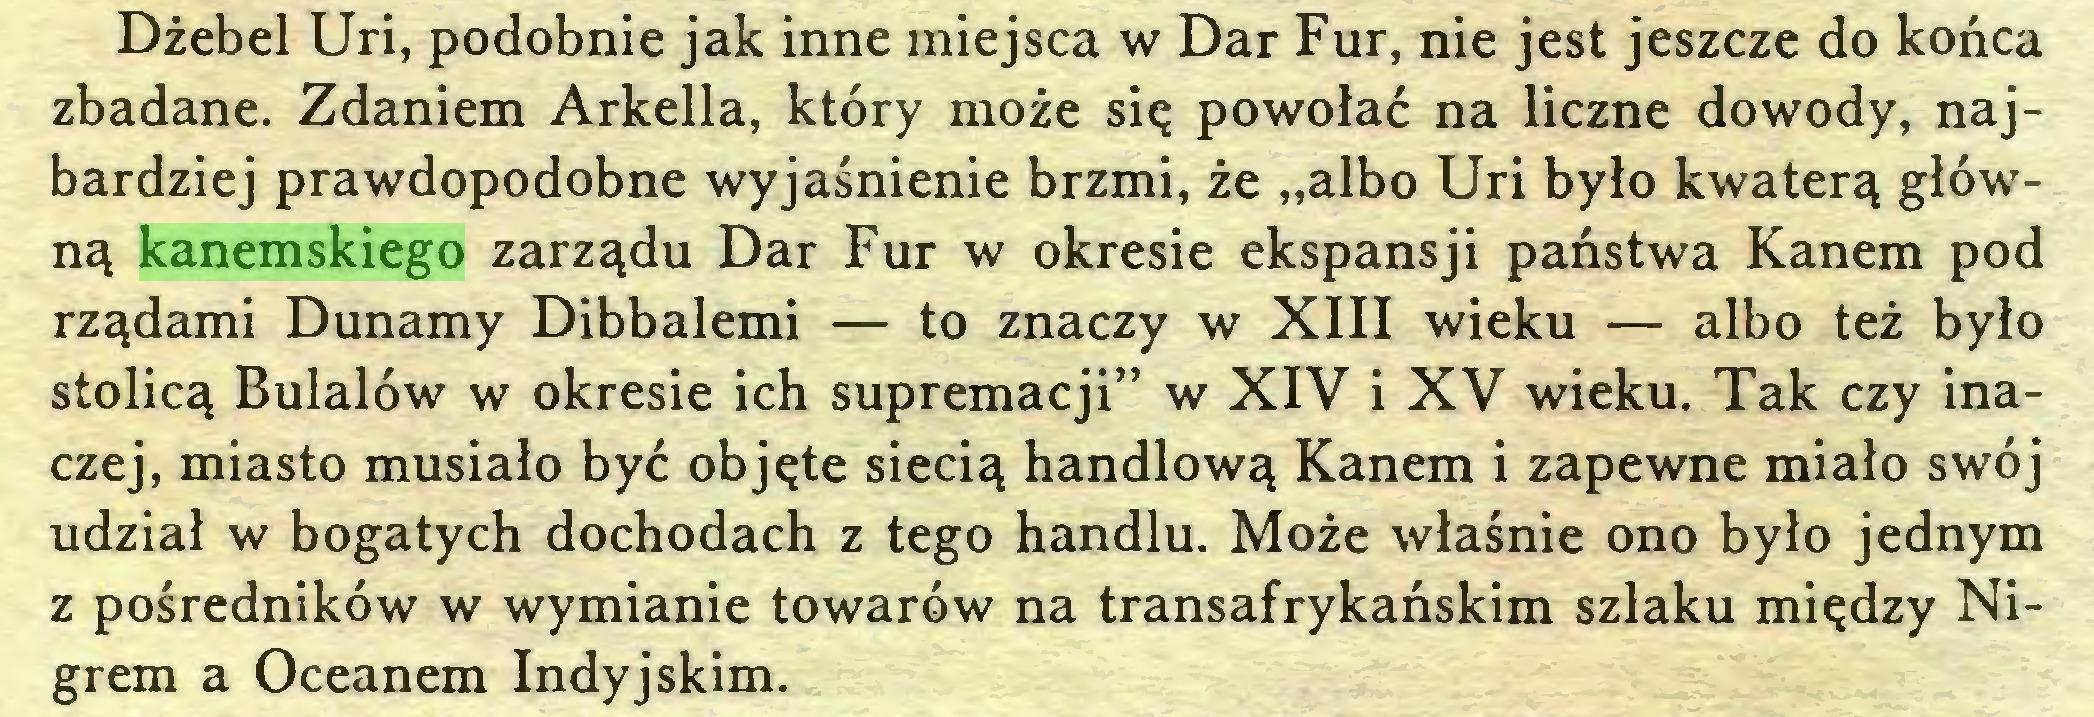 """(...) Dżebel Uri, podobnie jak inne miejsca w Dar Fur, nie jest jeszcze do końca zbadane. Zdaniem Arkella, który może się powołać na liczne dowody, najbardziej prawdopodobne wyjaśnienie brzmi, że """"albo Uri było kwaterą główną kanemskiego zarządu Dar Fur w okresie ekspansji państwa Kanem pod rządami Dunamy Dibbalemi — to znaczy w XIII wieku — albo też było stolicą Bulalów w okresie ich supremacji"""" w XIV i XV wieku. Tak czy inaczej, miasto musiało być objęte siecią handlową Kanem i zapewne miało swój udział w bogatych dochodach z tego handlu. Może właśnie ono było jednym z pośredników w wymianie towarów na transafrykańskim szlaku między Nigrem a Oceanem Indyjskim..."""